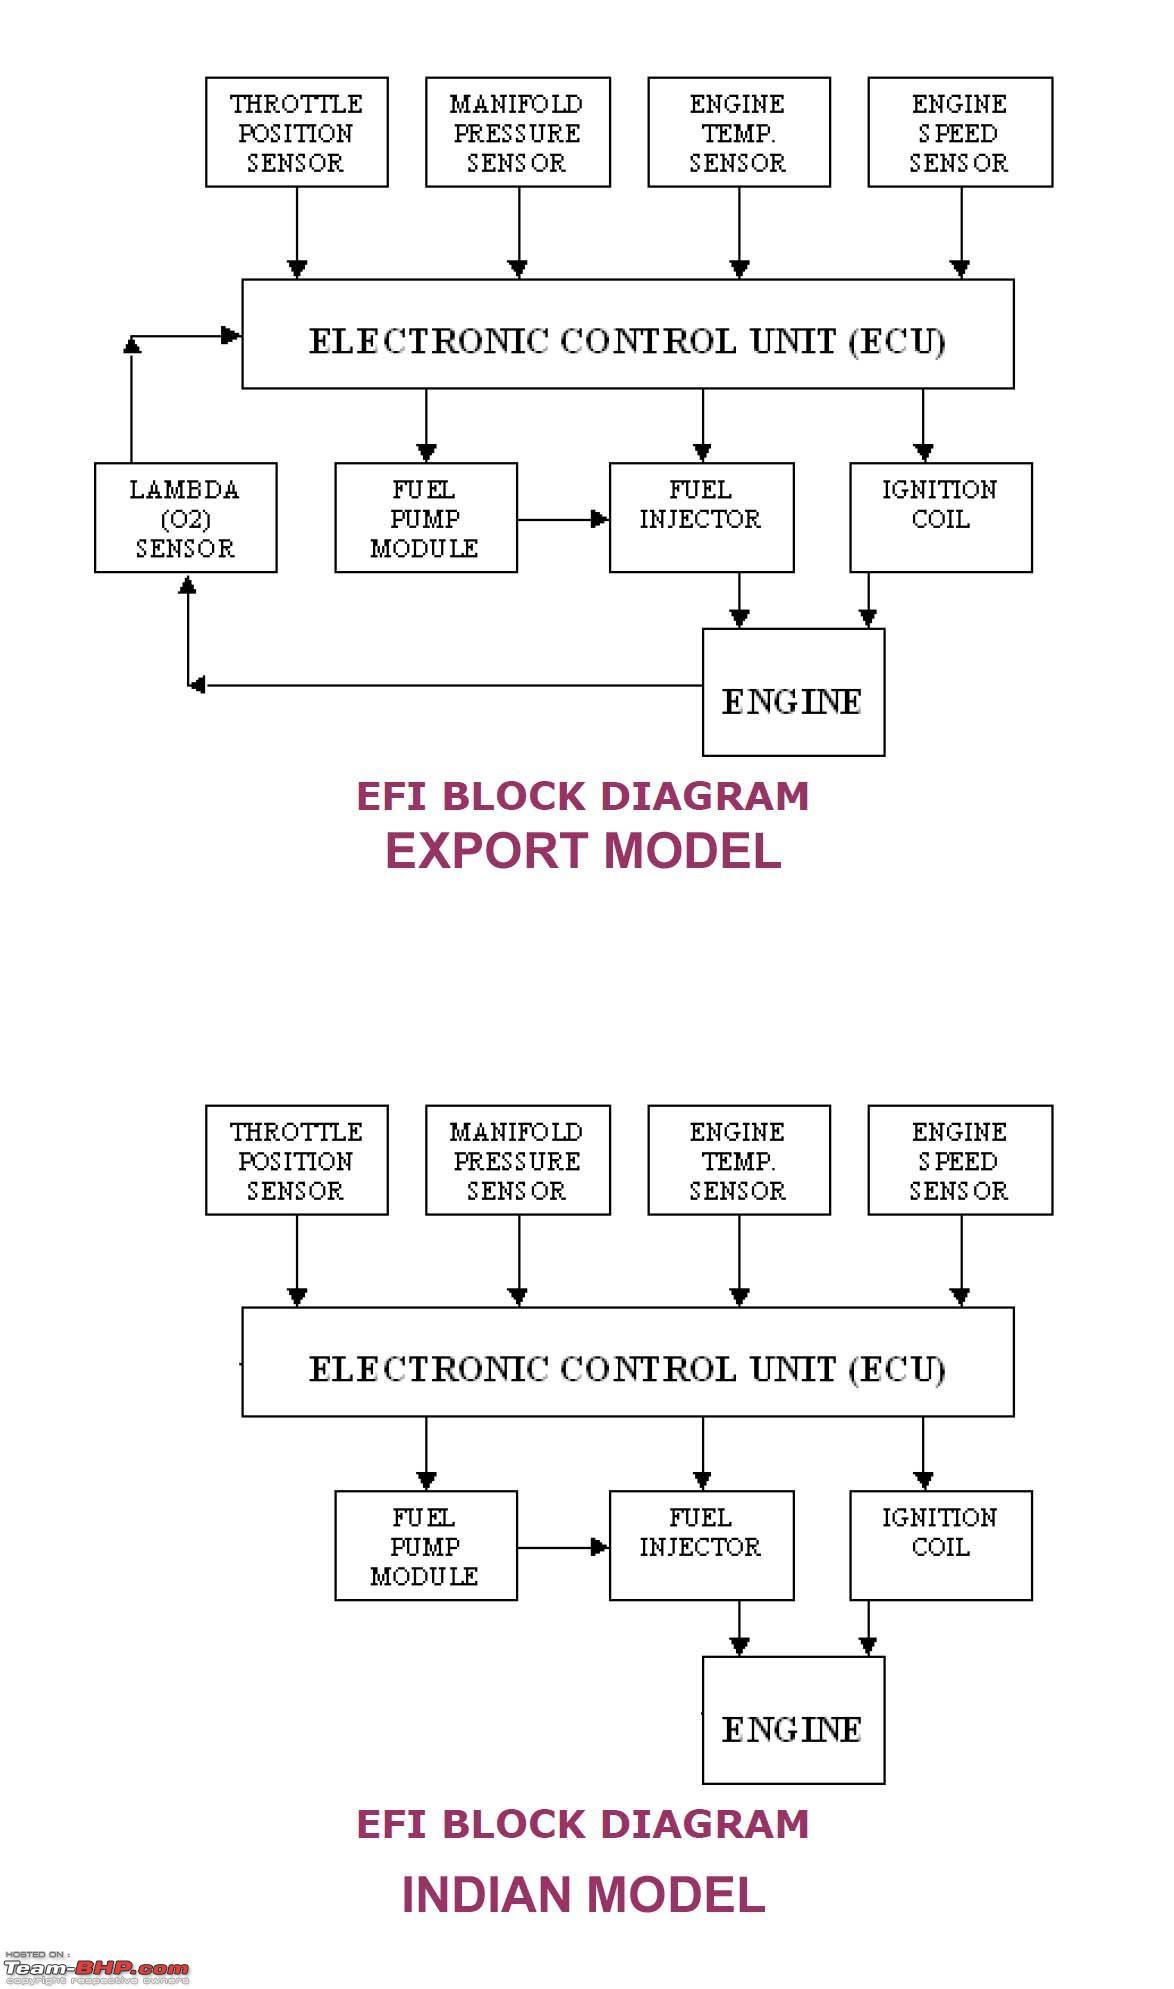 bourget wiring diagram wiring diagram burger writing diagram bourget wiring diagram #11